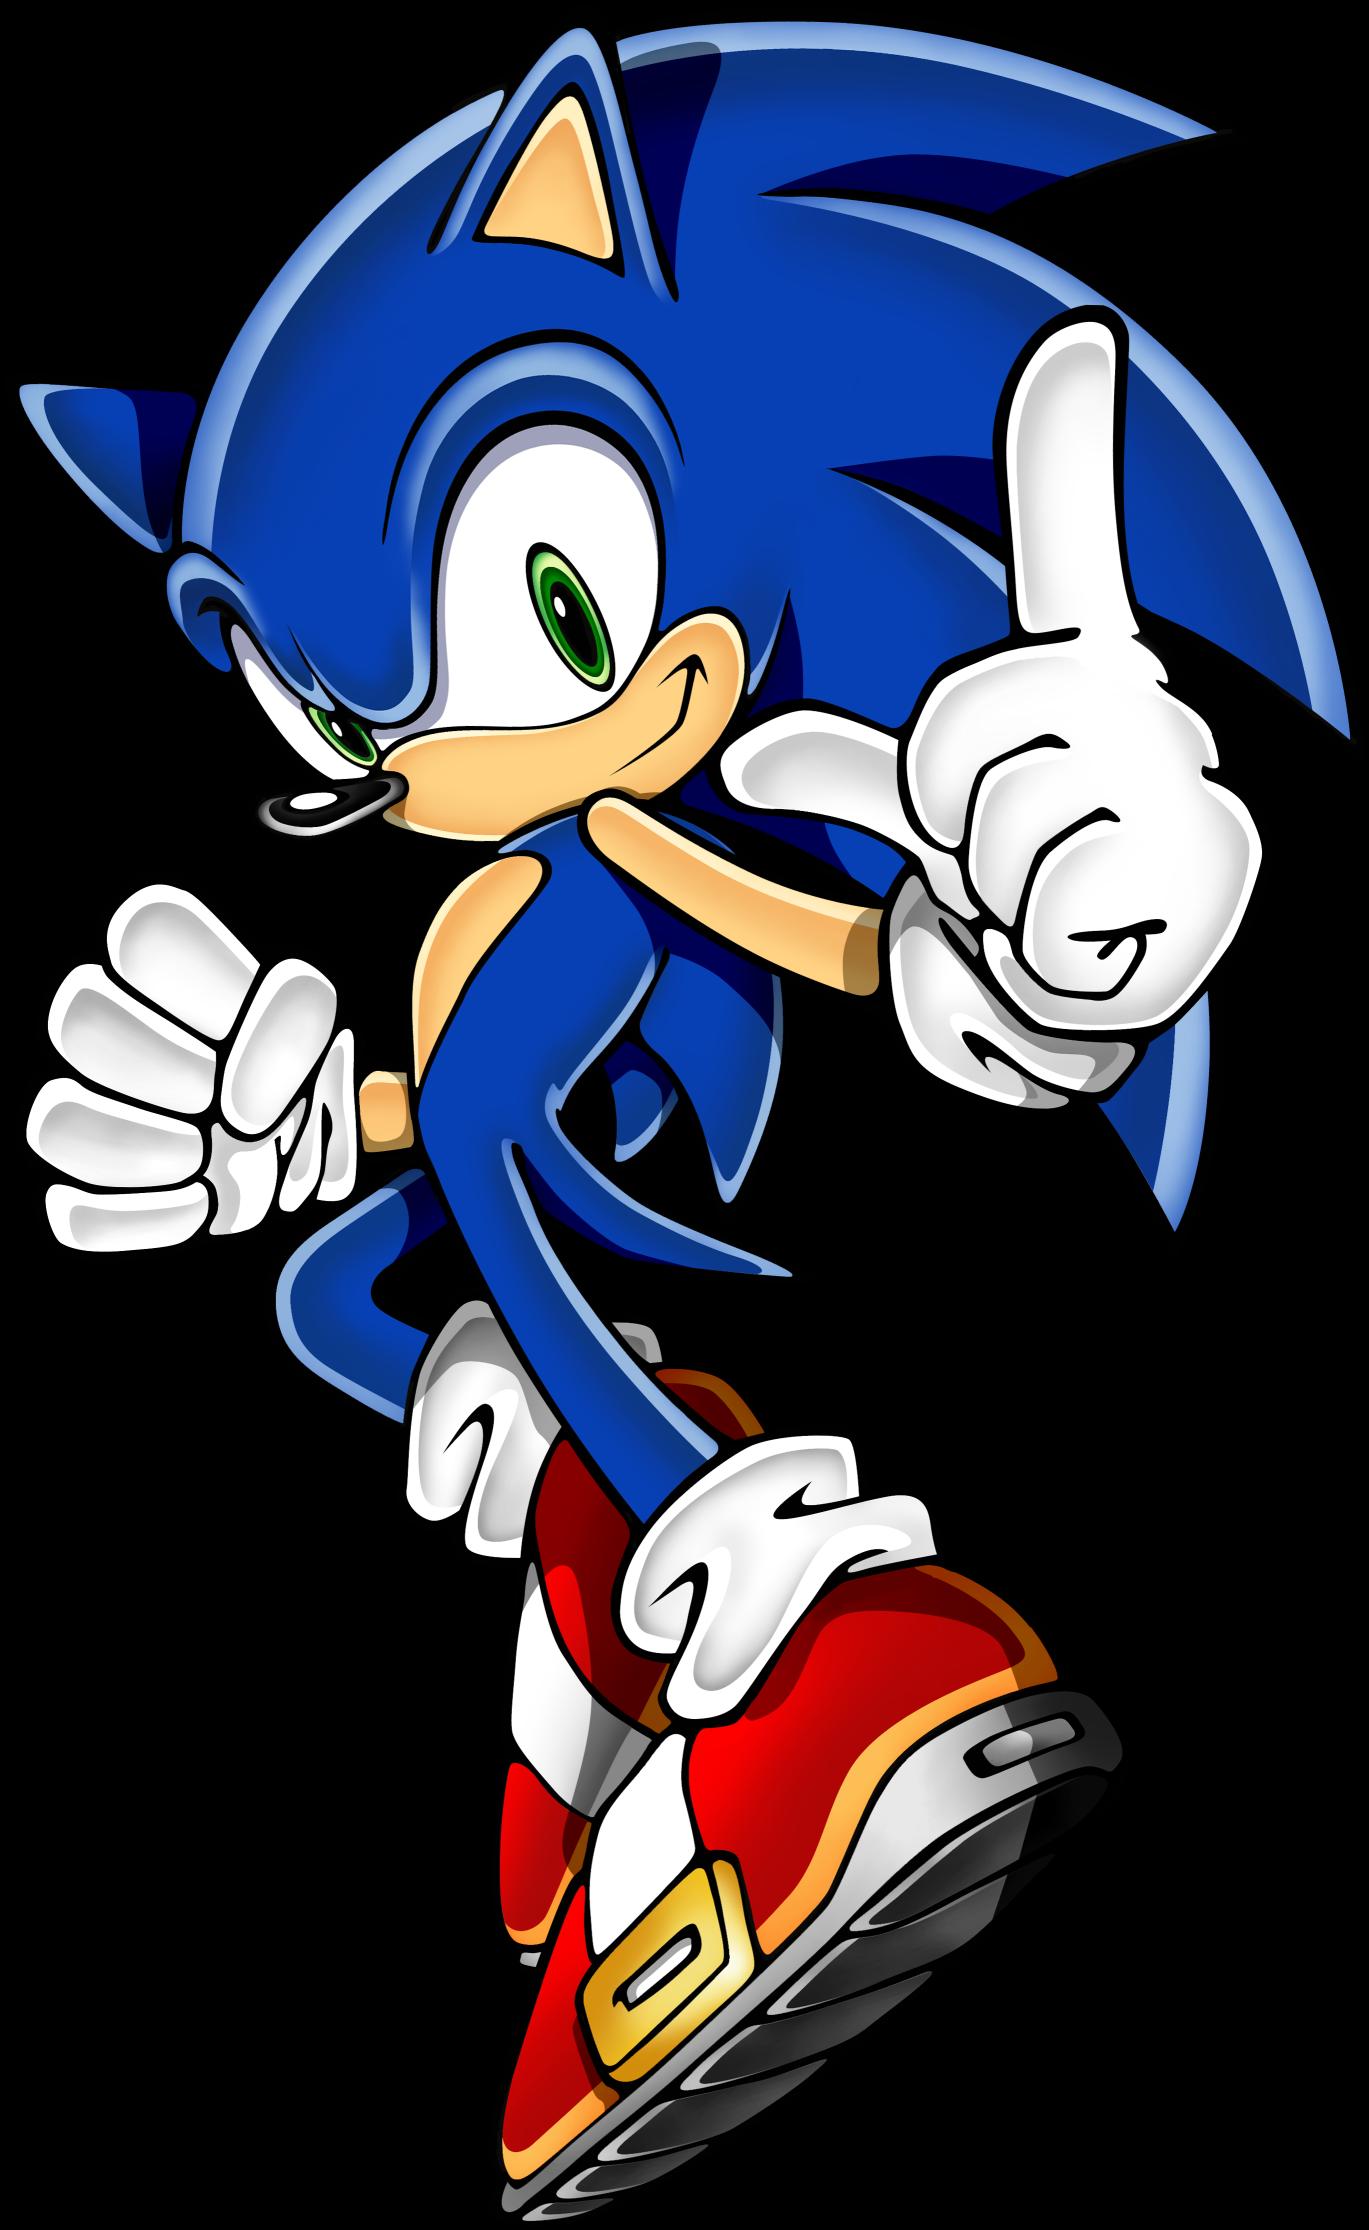 Sonic nude pix erotica tube